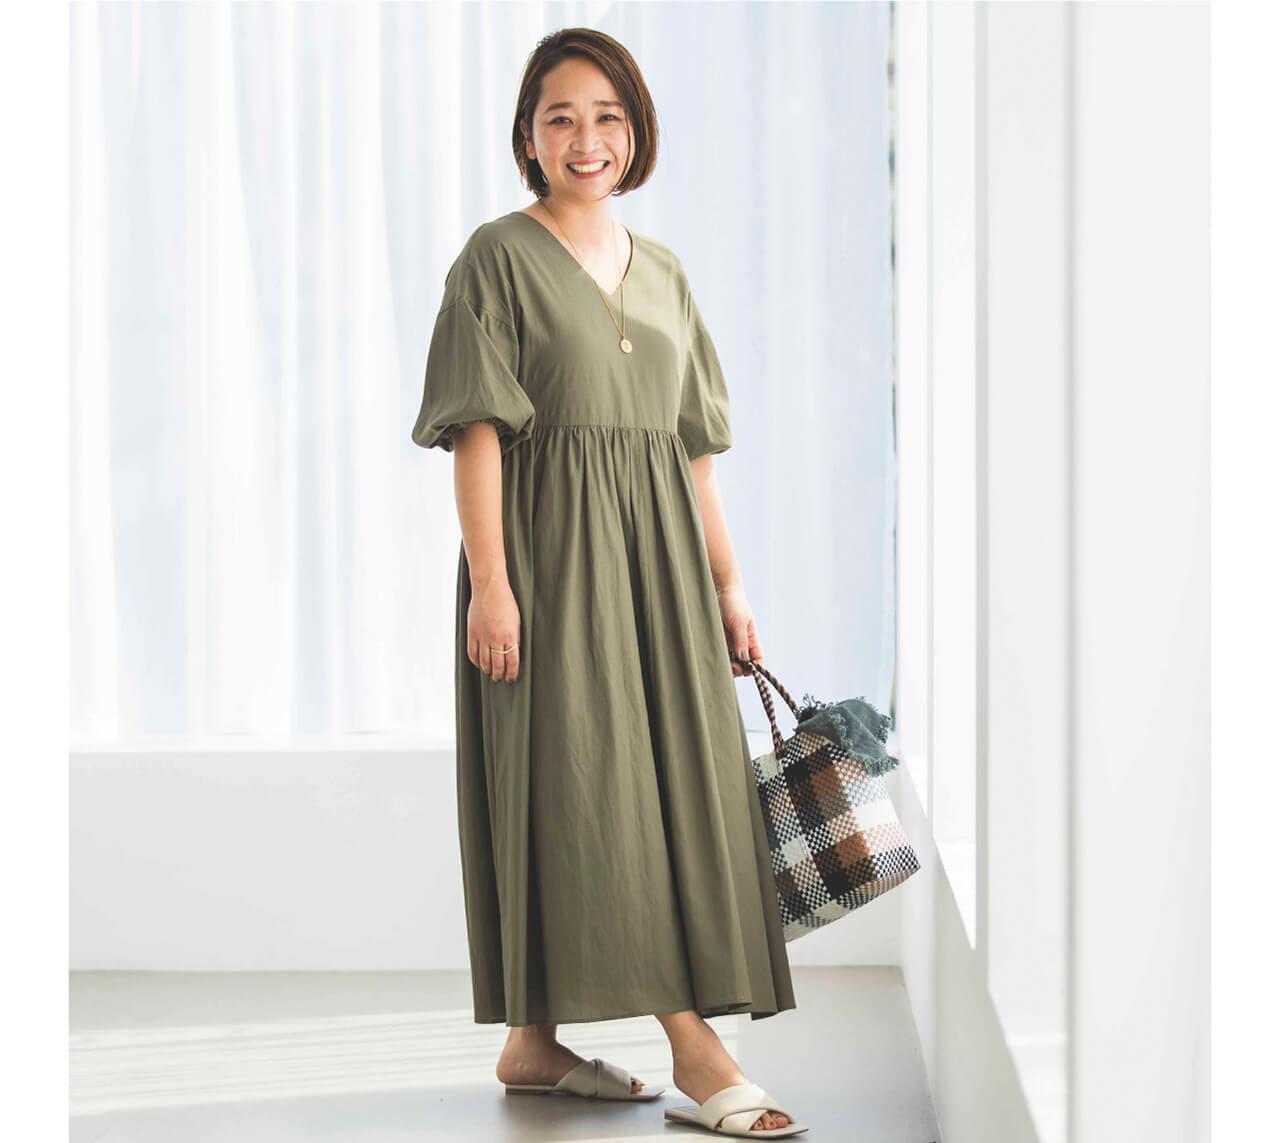 かごバッグ&レザーサンダルできれいめに。お出かけにも最適です。 スタイリスト/徳永千夏さん